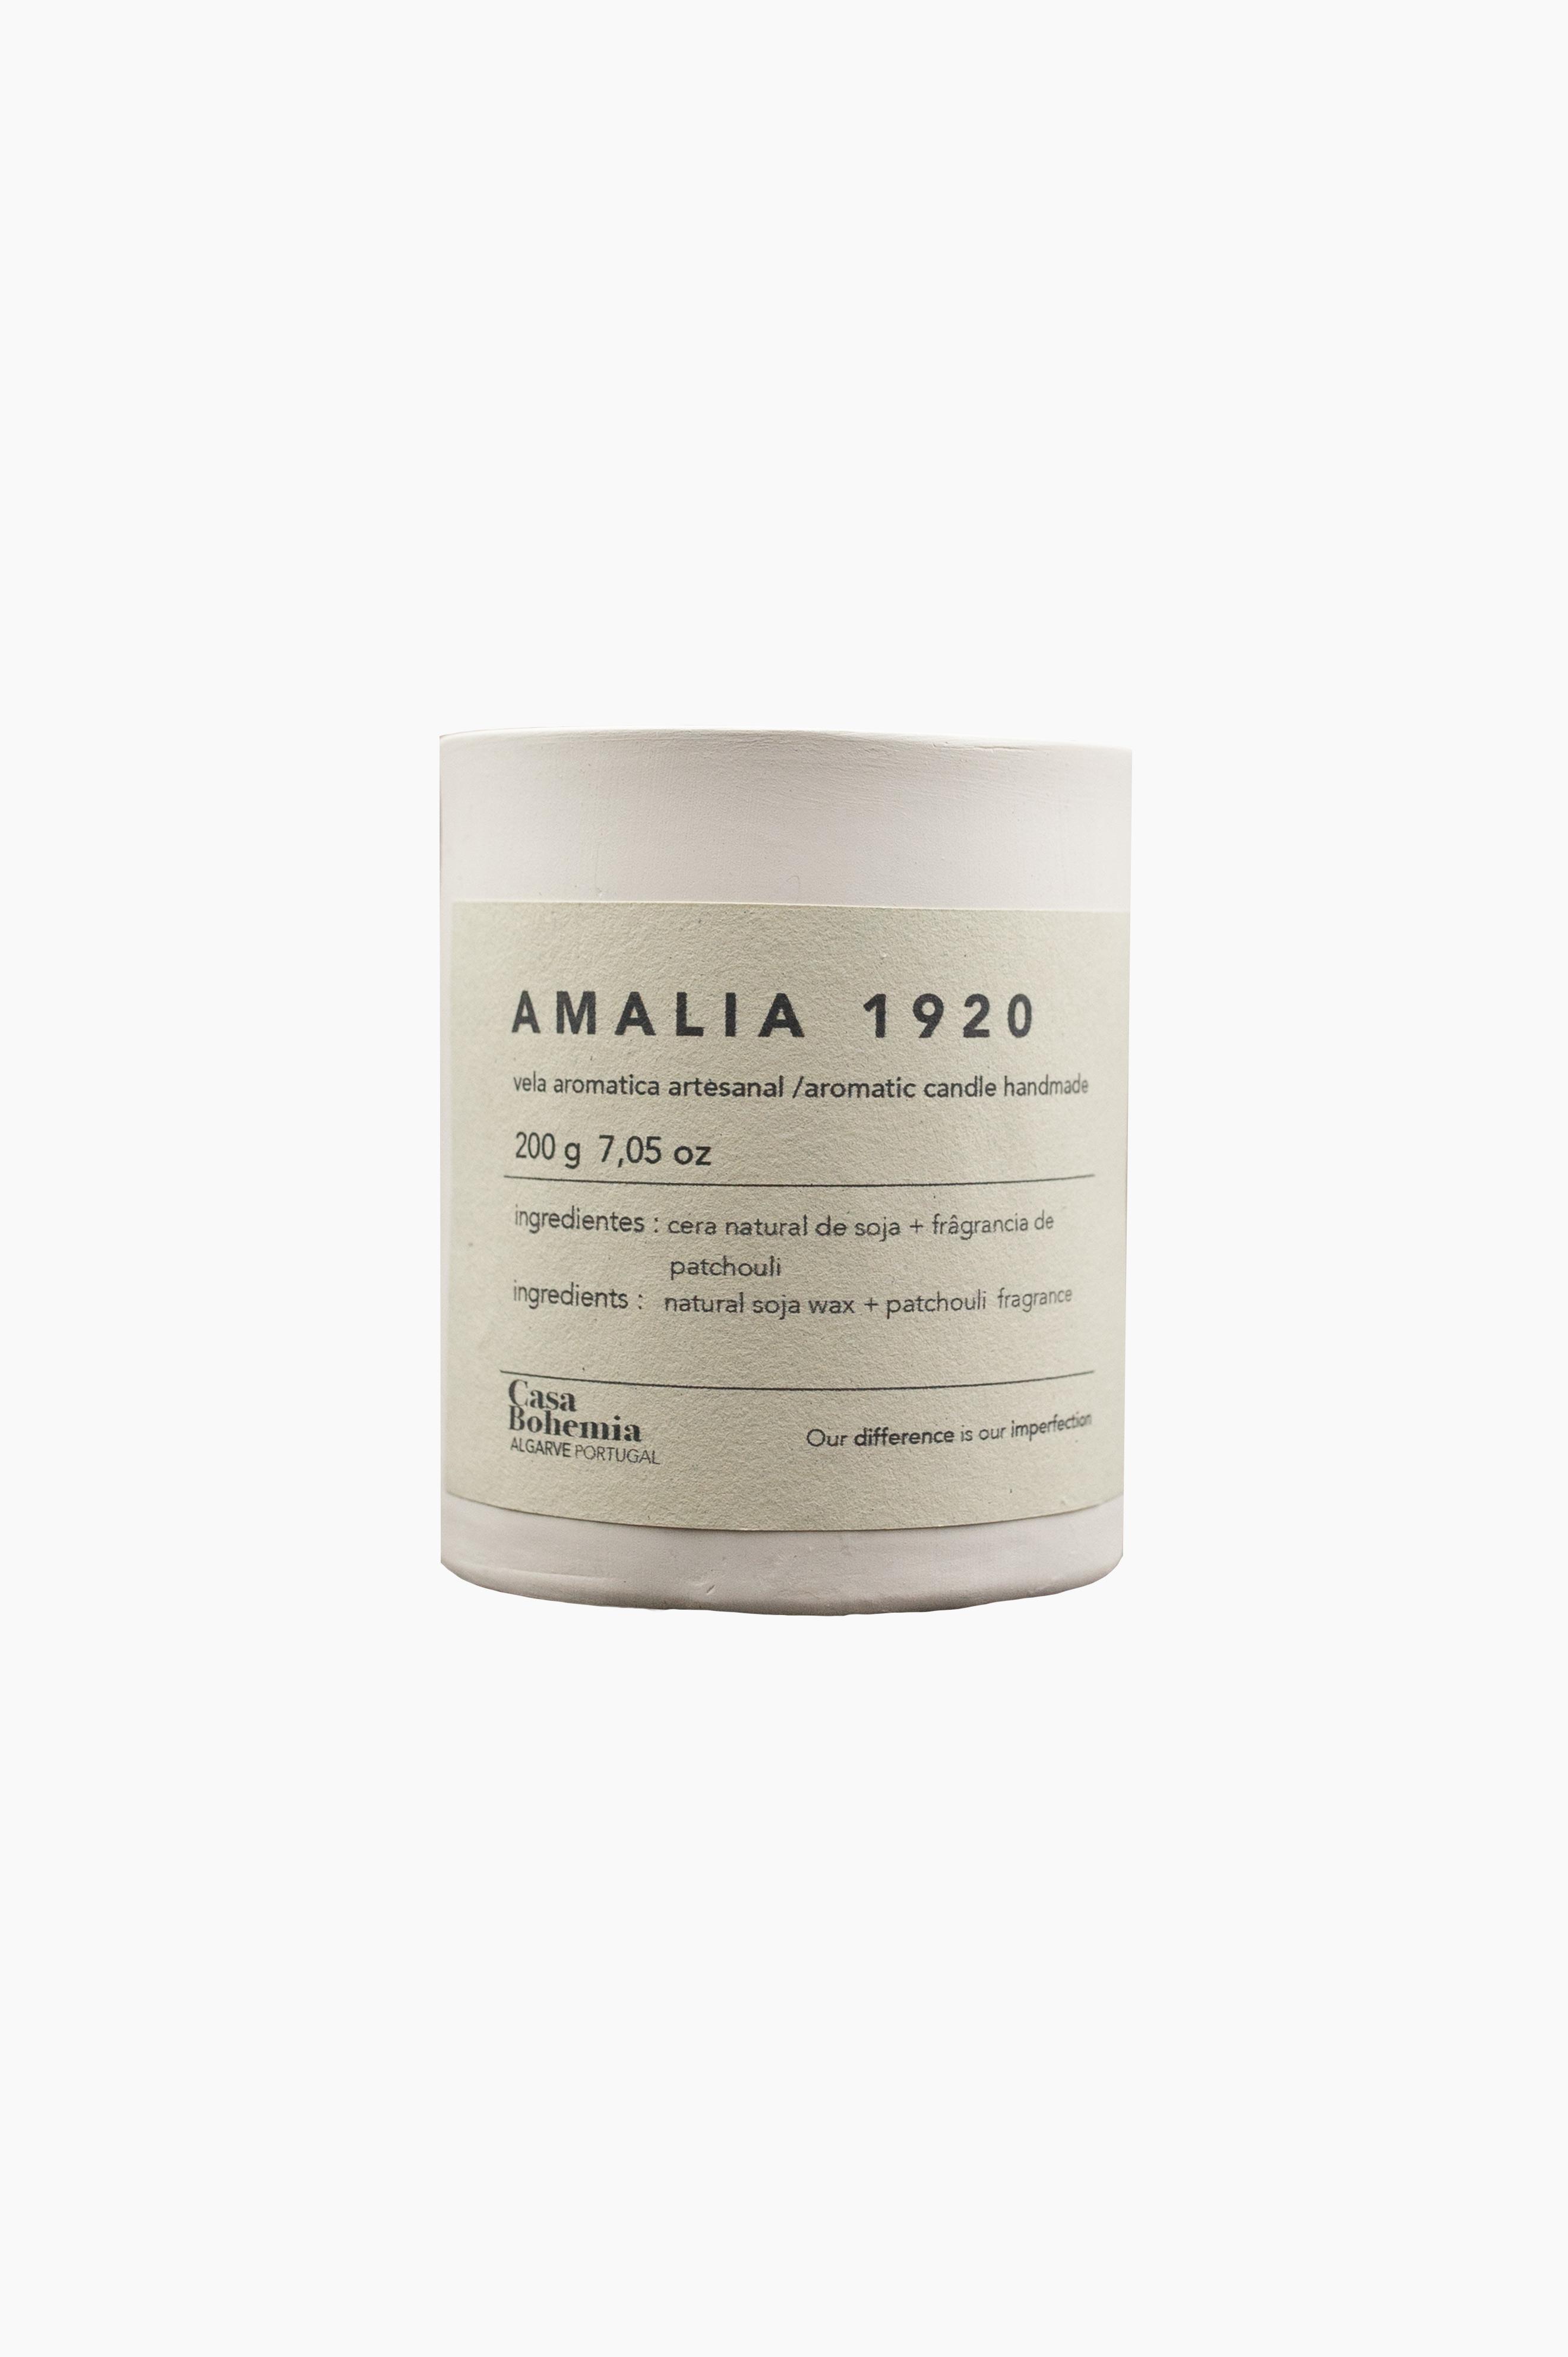 Amalia 1920 Candle (200grs)